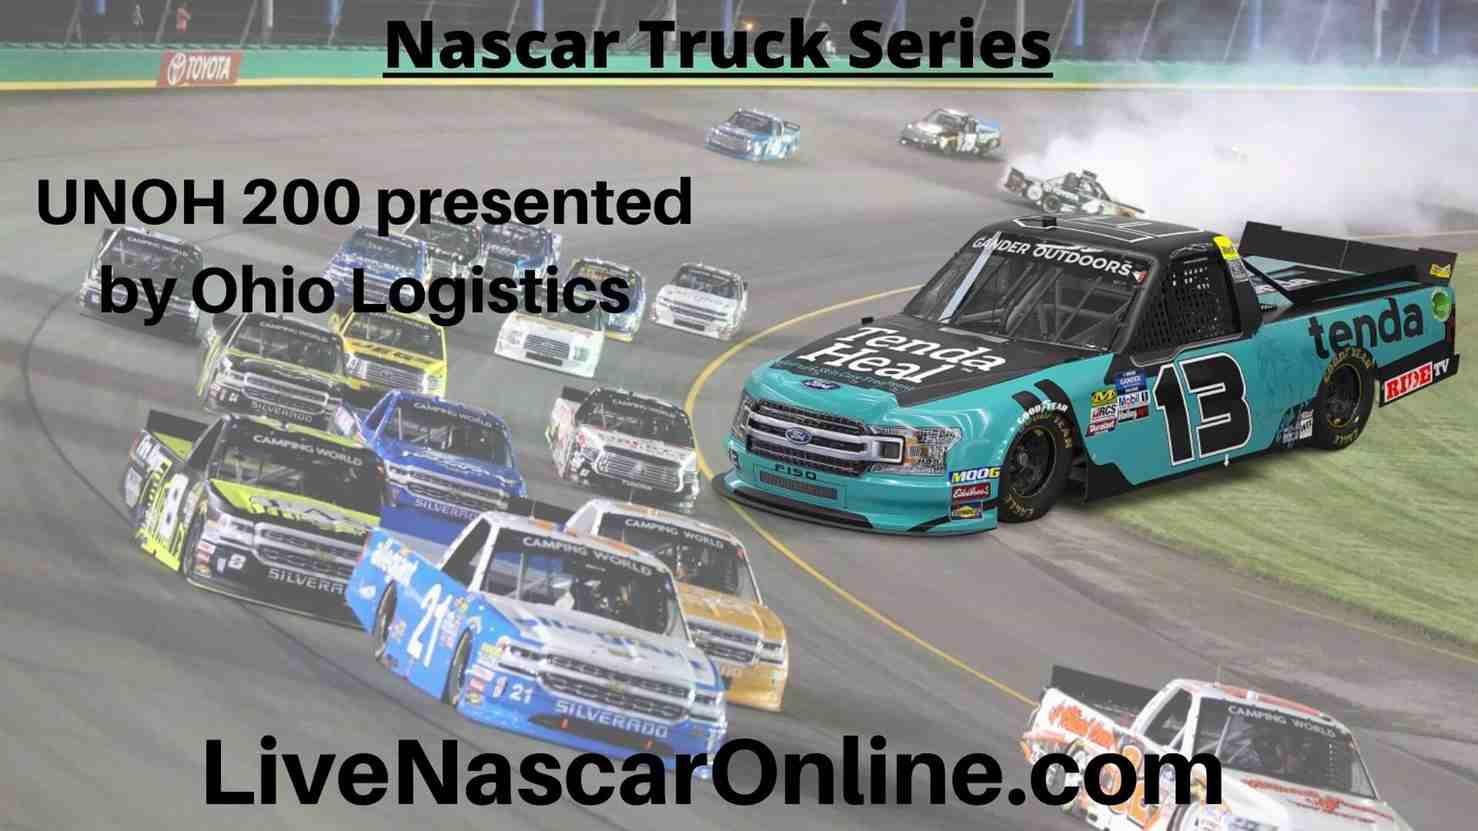 UNOH 200 Online Stream | NASCAR Bristol 2020